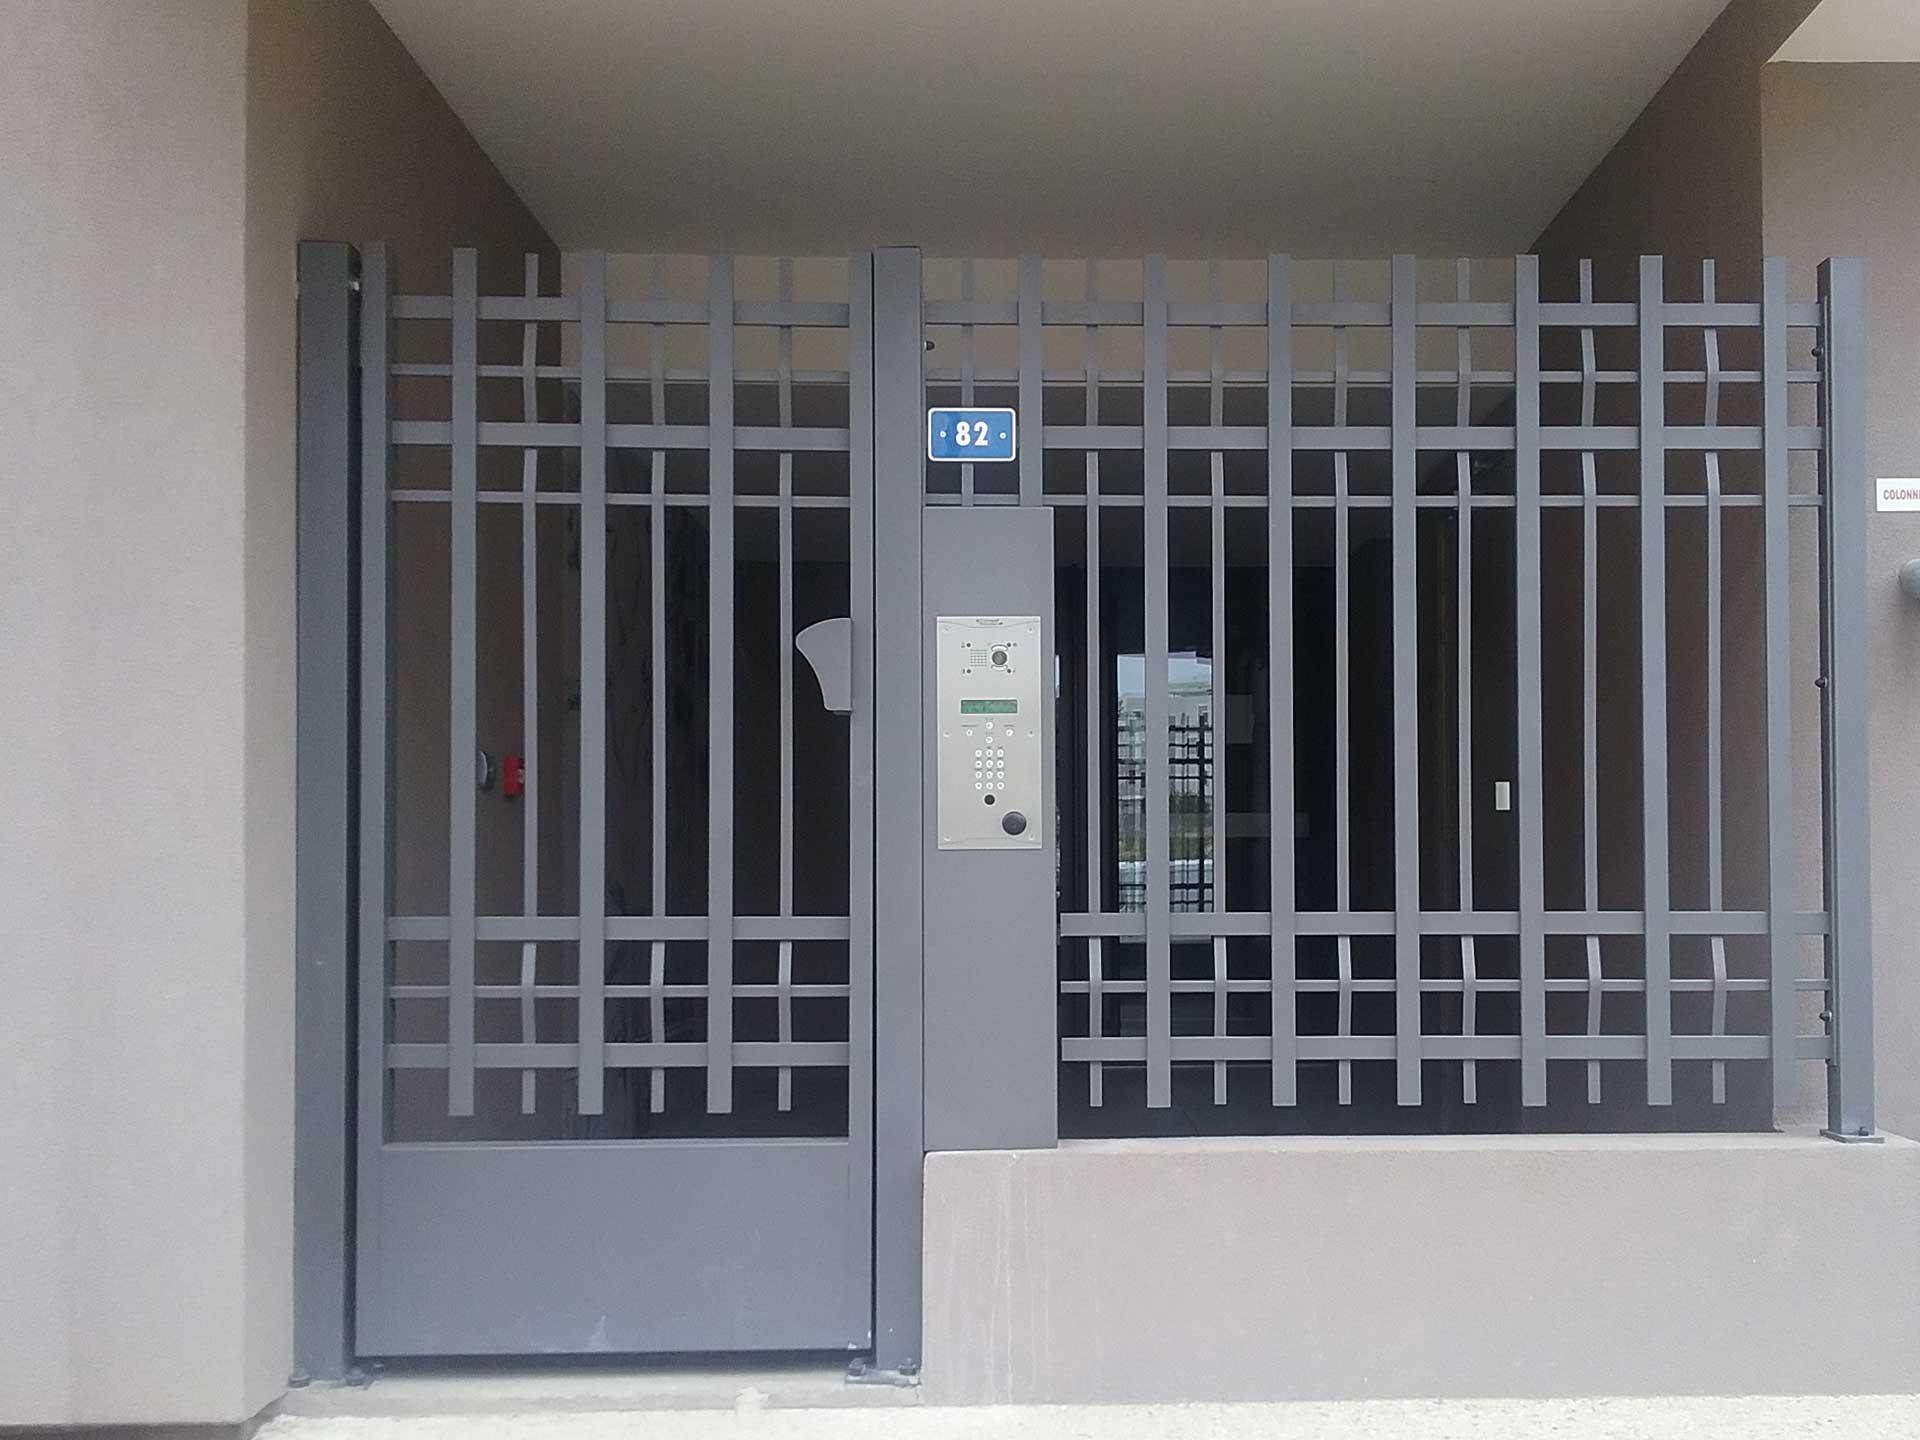 Vente et location de systèmes d'accès et interphonie sans fil avec Sim Fermetures à Perpignan